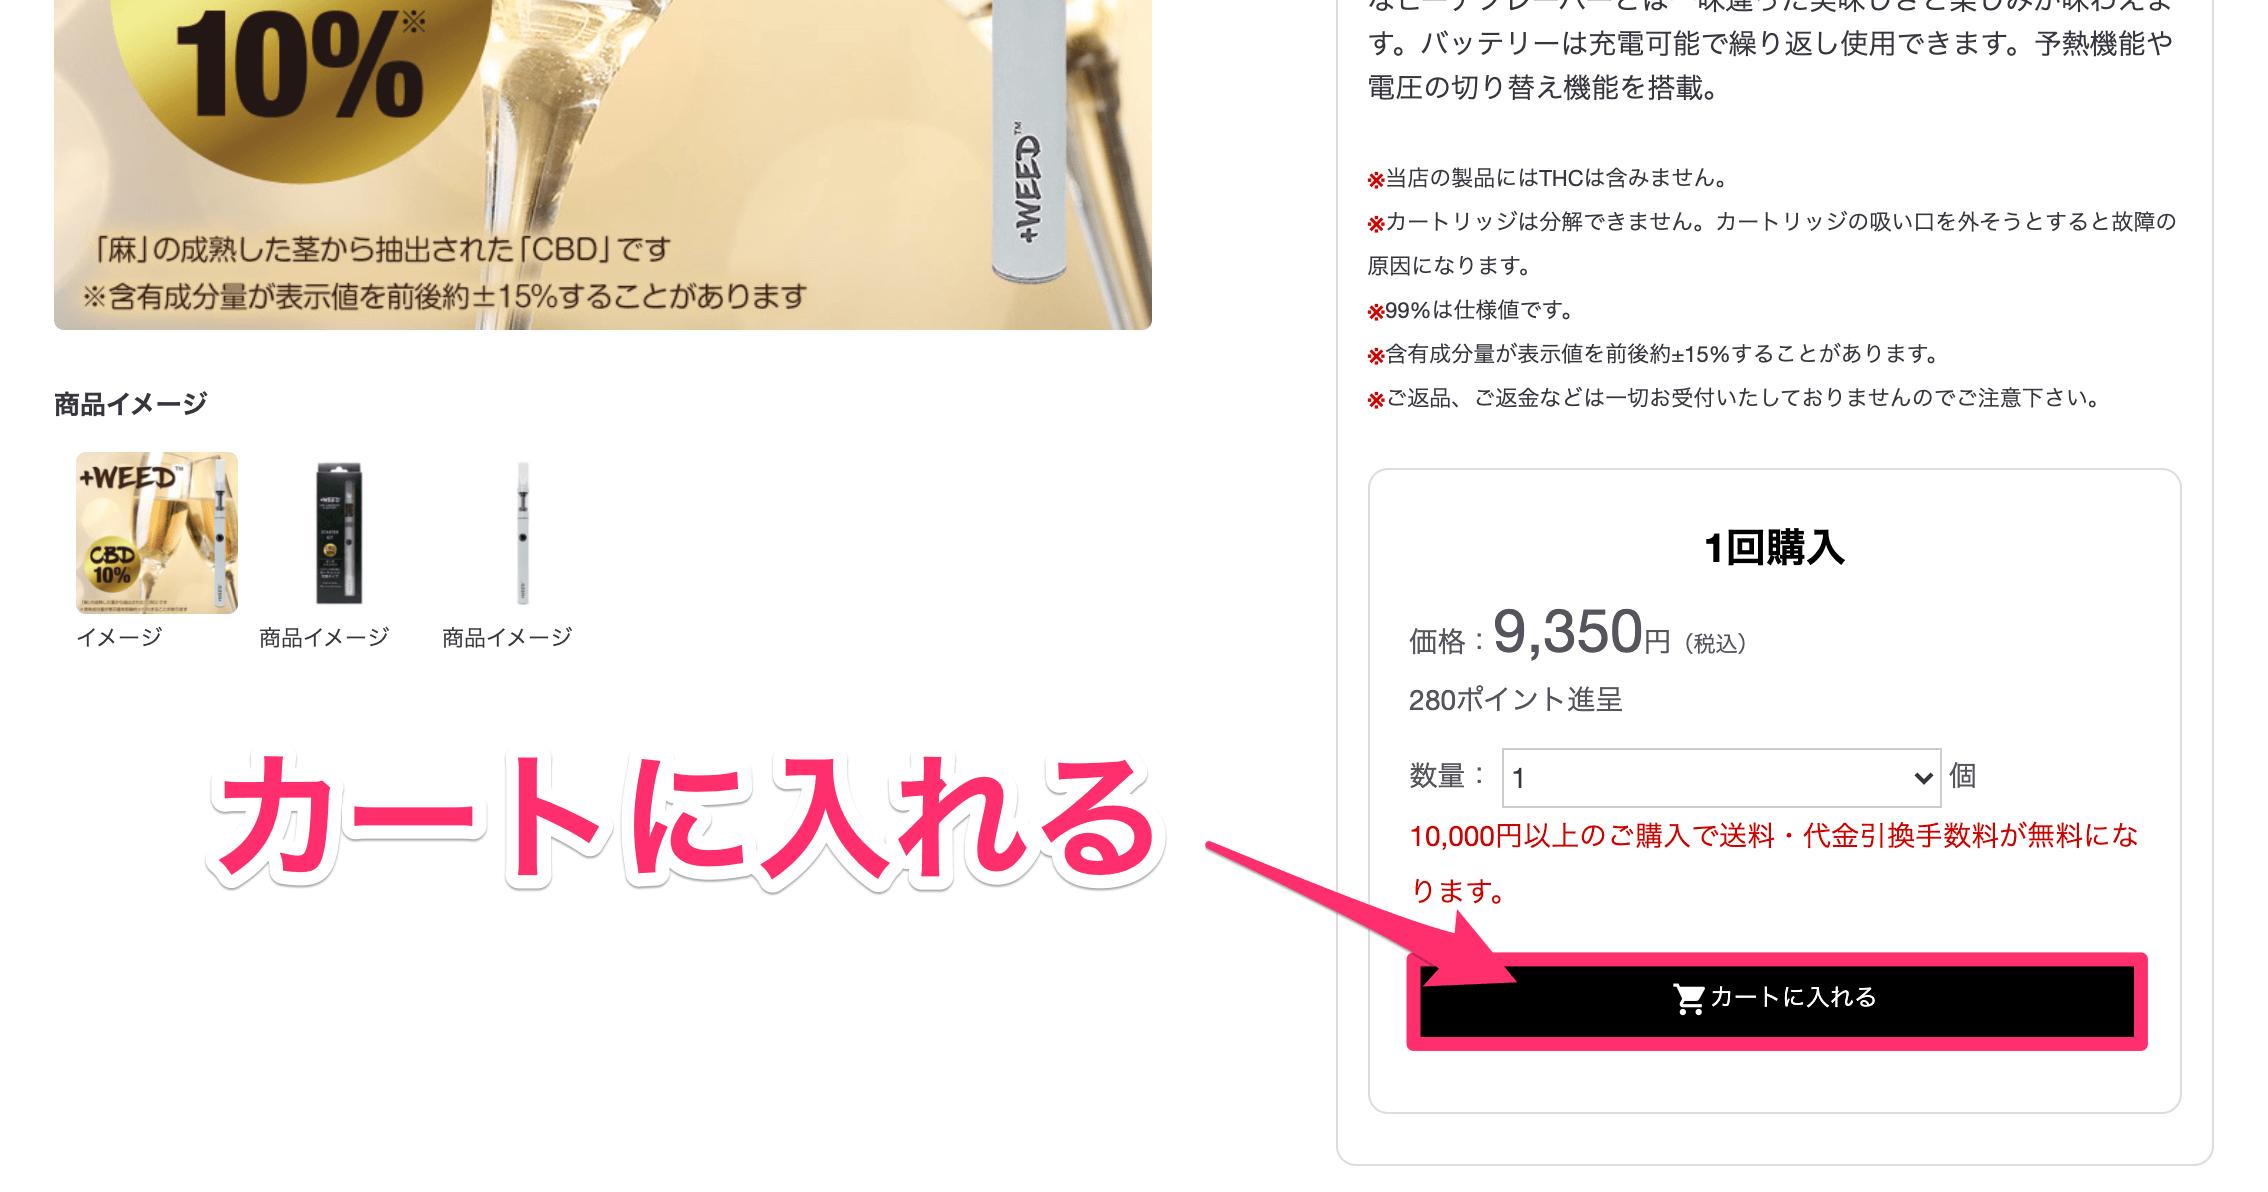 スターターキットの購入画面